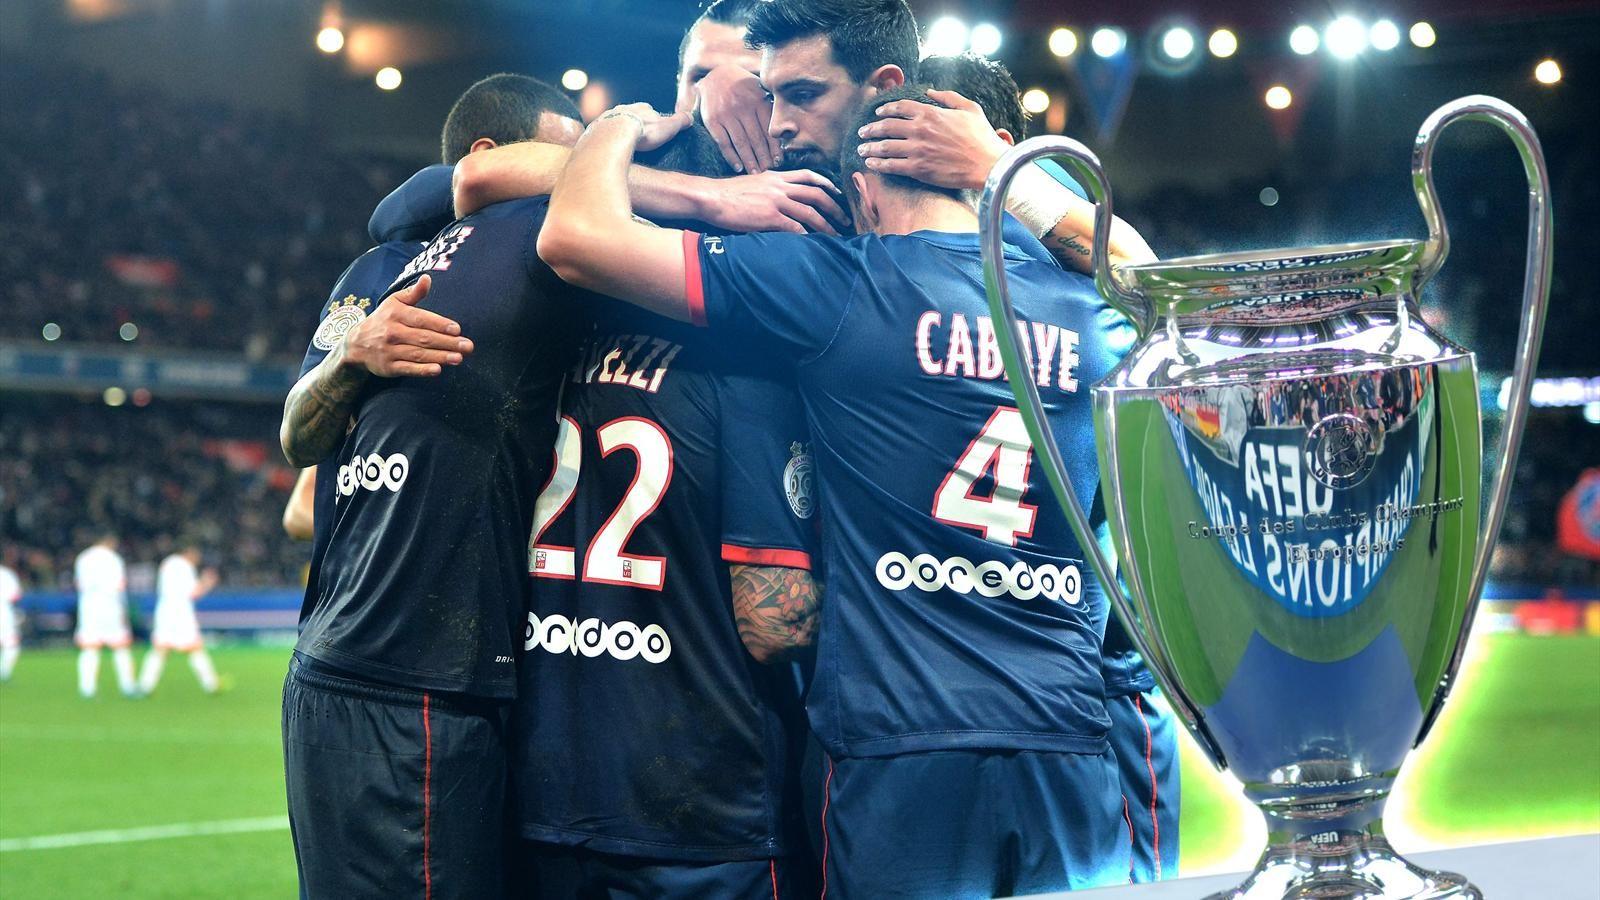 Parmi ces joueurs du PSG, lequel n'a jamais remporté la Ligue des Champions ?